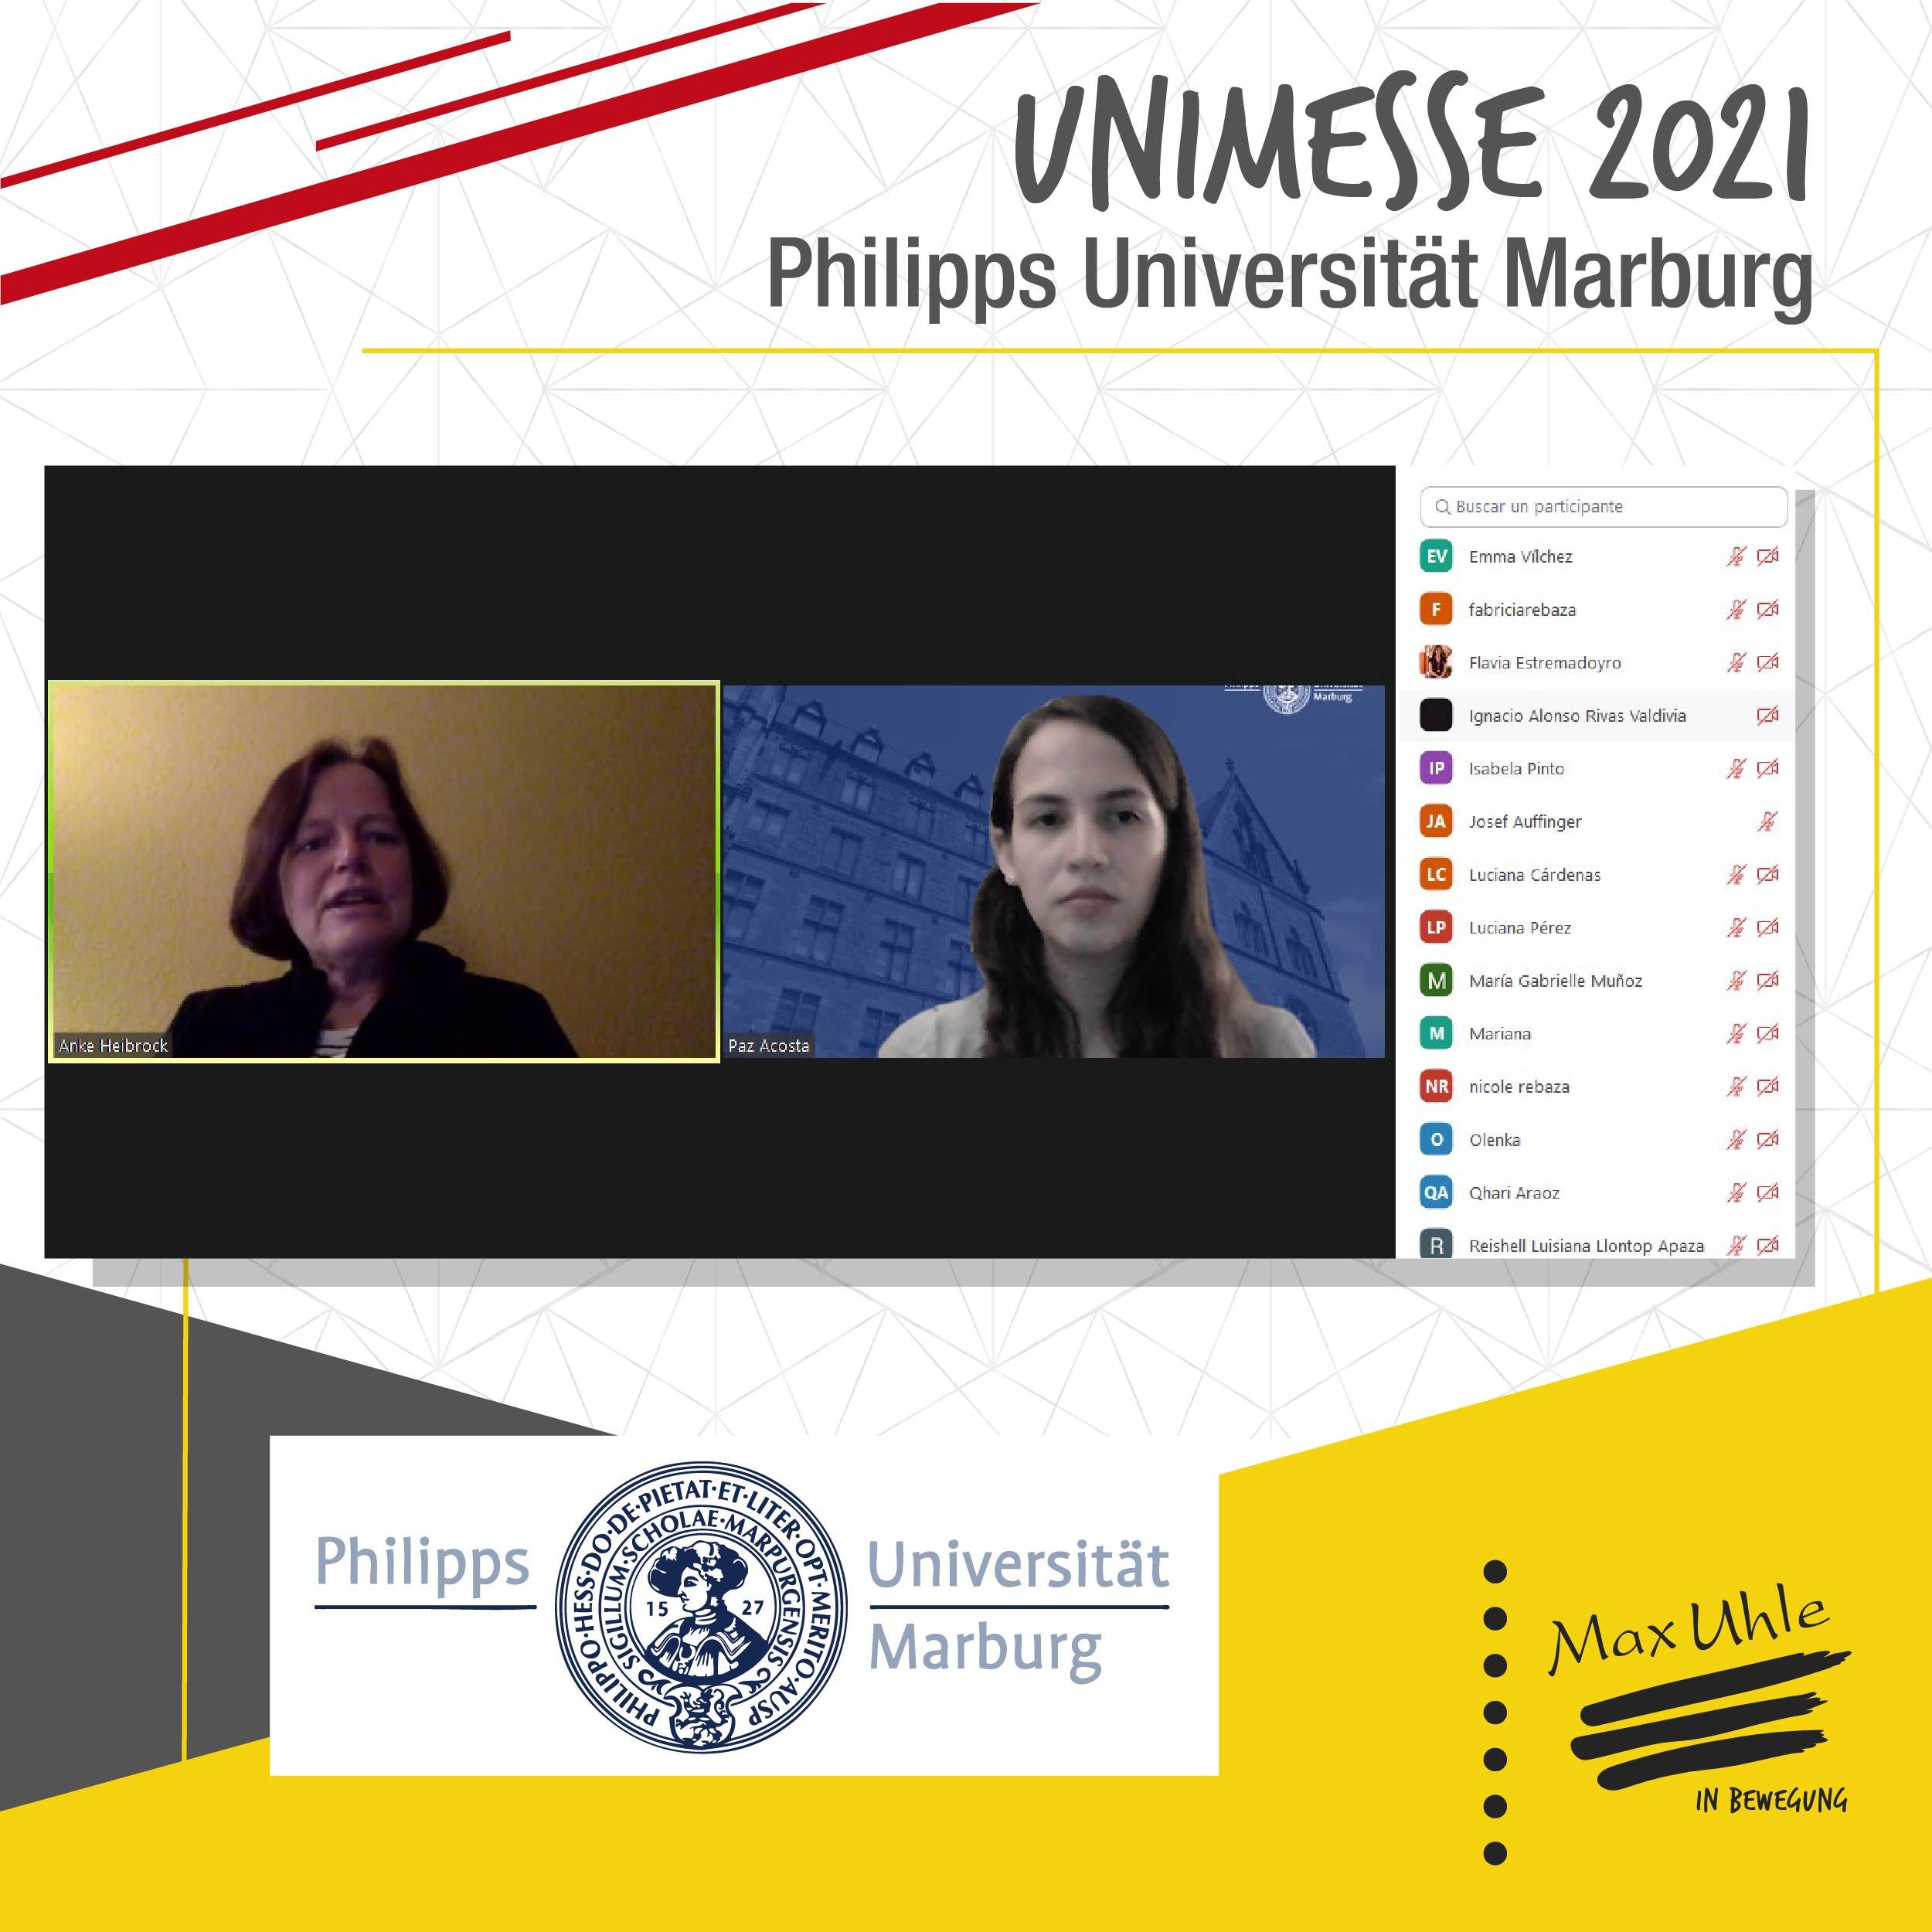 Philips - Unimesse 2021 Colegio Max Uhle